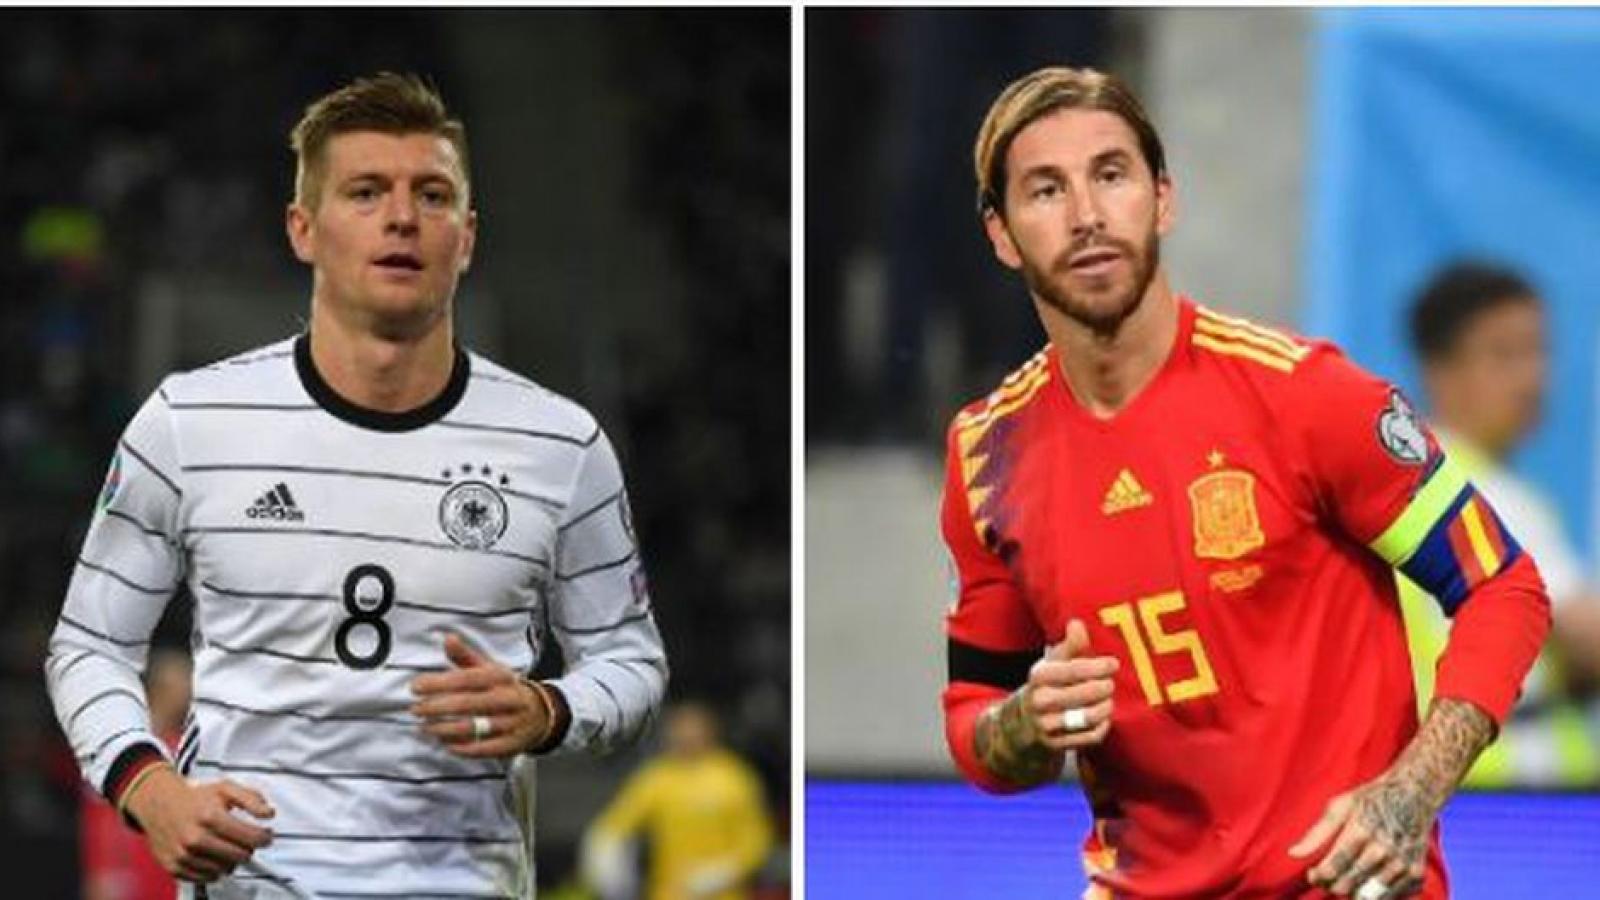 Lịch thi đấu bóng đá hôm nay (17/11): Tây Ban Nha quyết đấu Đức